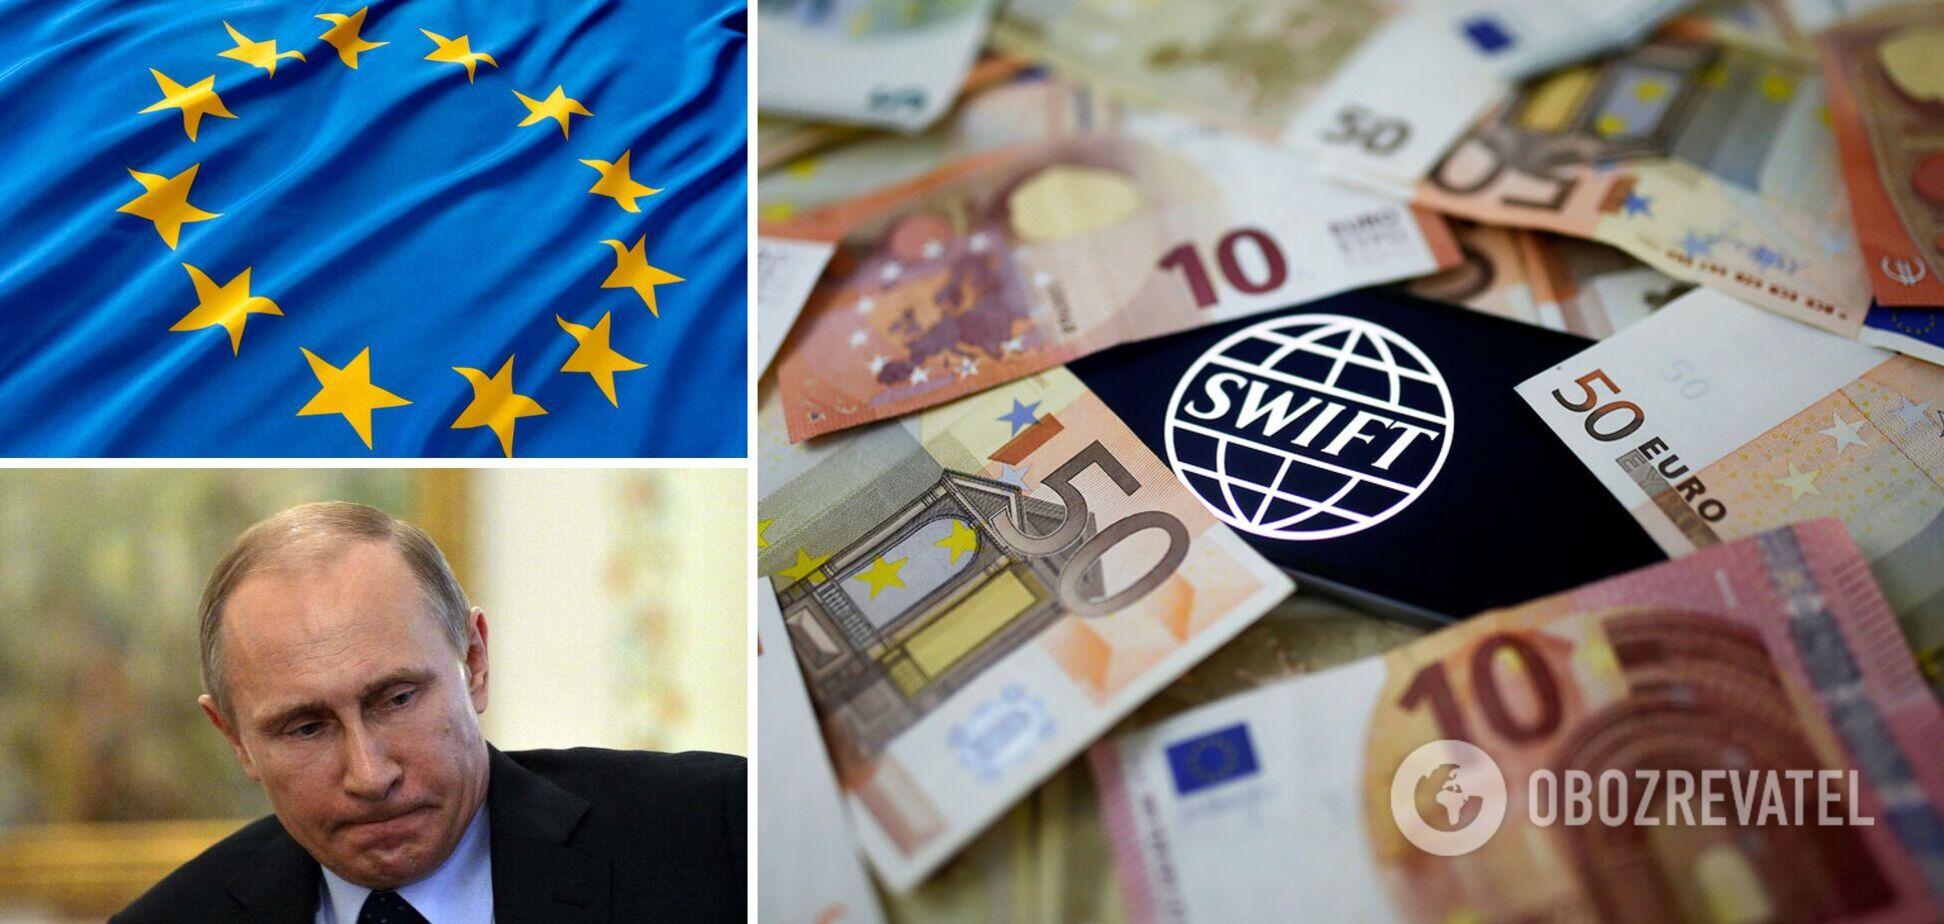 Отключение РФ от системы приведет к параличу экономики